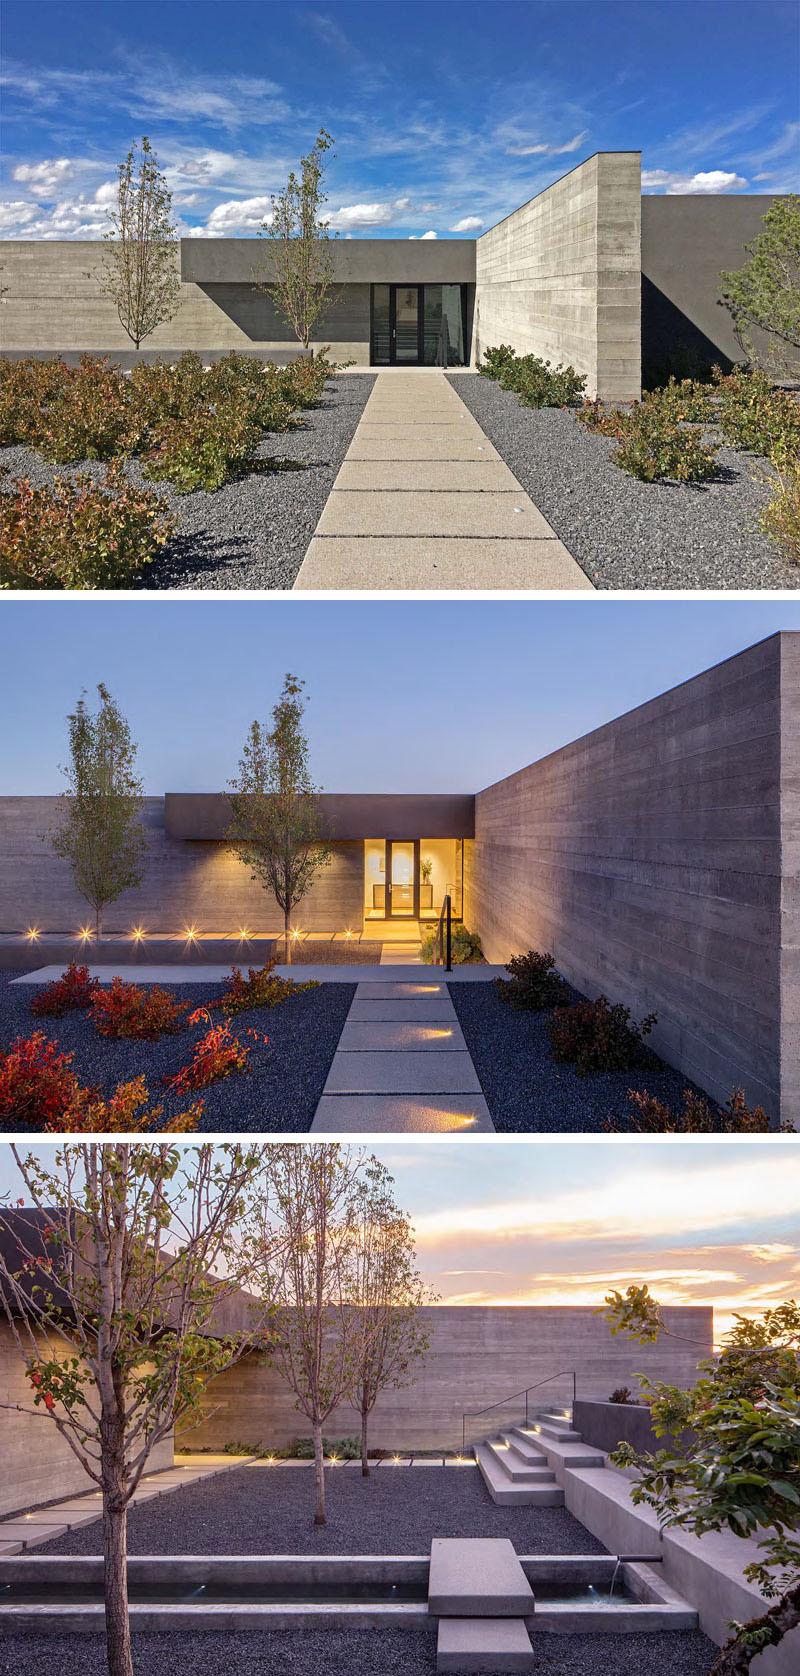 «Specht Architects» совсем недавно завершили этот современный дом в Санта-Фе, Нью-Мексико, который организован вокруг двух перпендикулярных бетонных стен, сформированных при помощи досок.